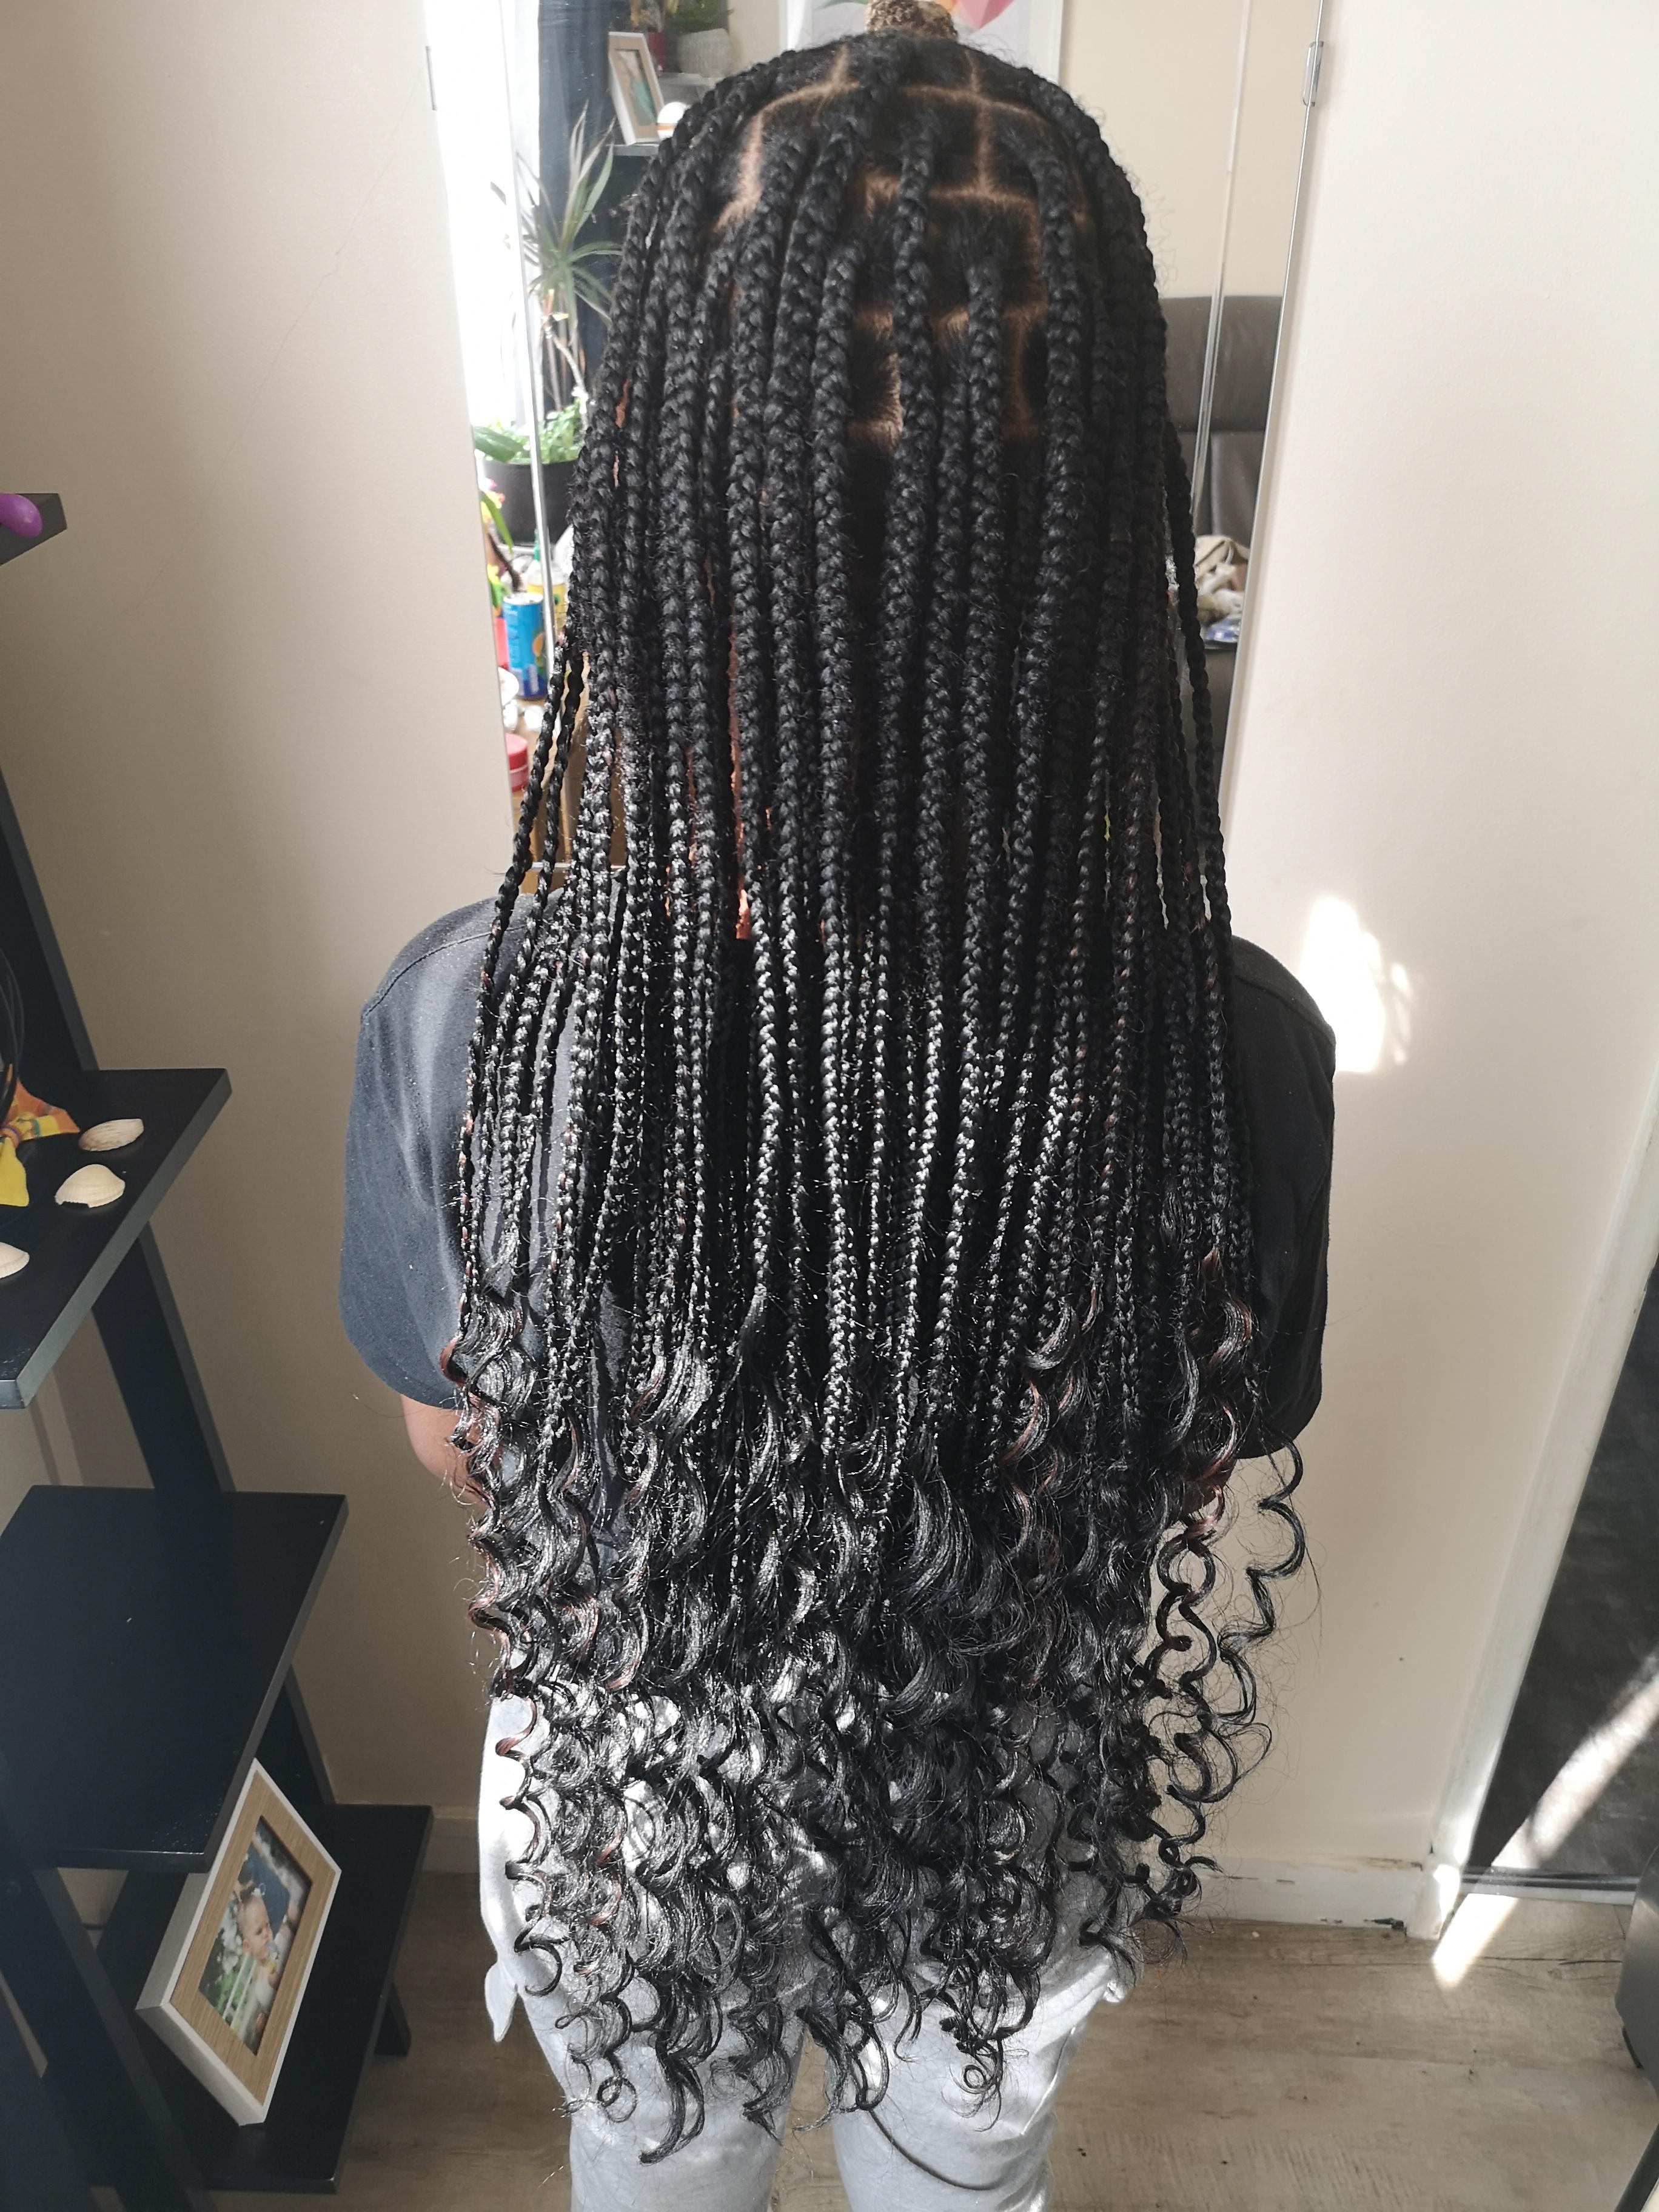 salon de coiffure afro tresse tresses box braids crochet braids vanilles tissages paris 75 77 78 91 92 93 94 95 BDTLMETW